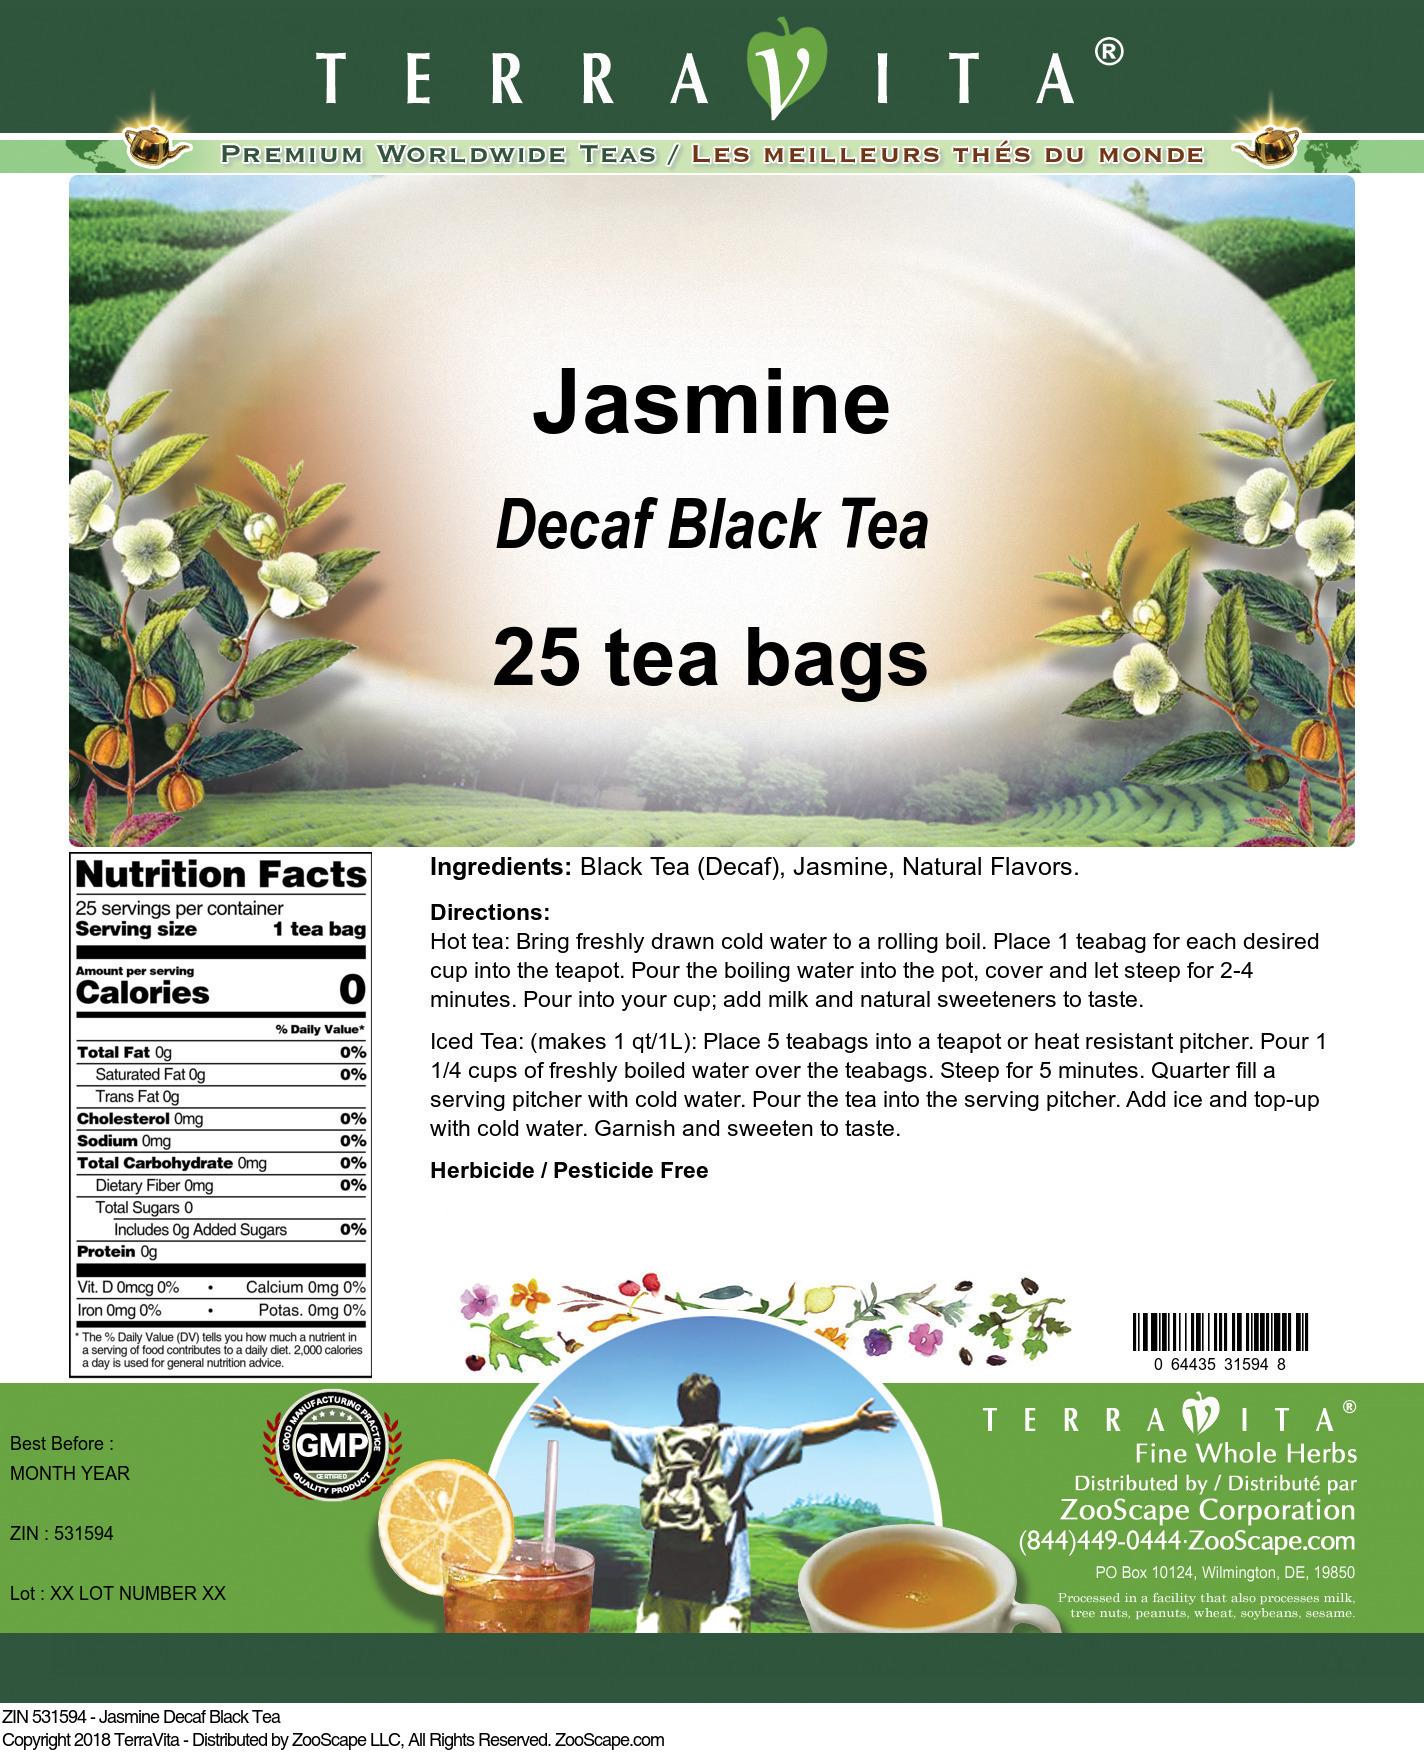 Jasmine Decaf Black Tea